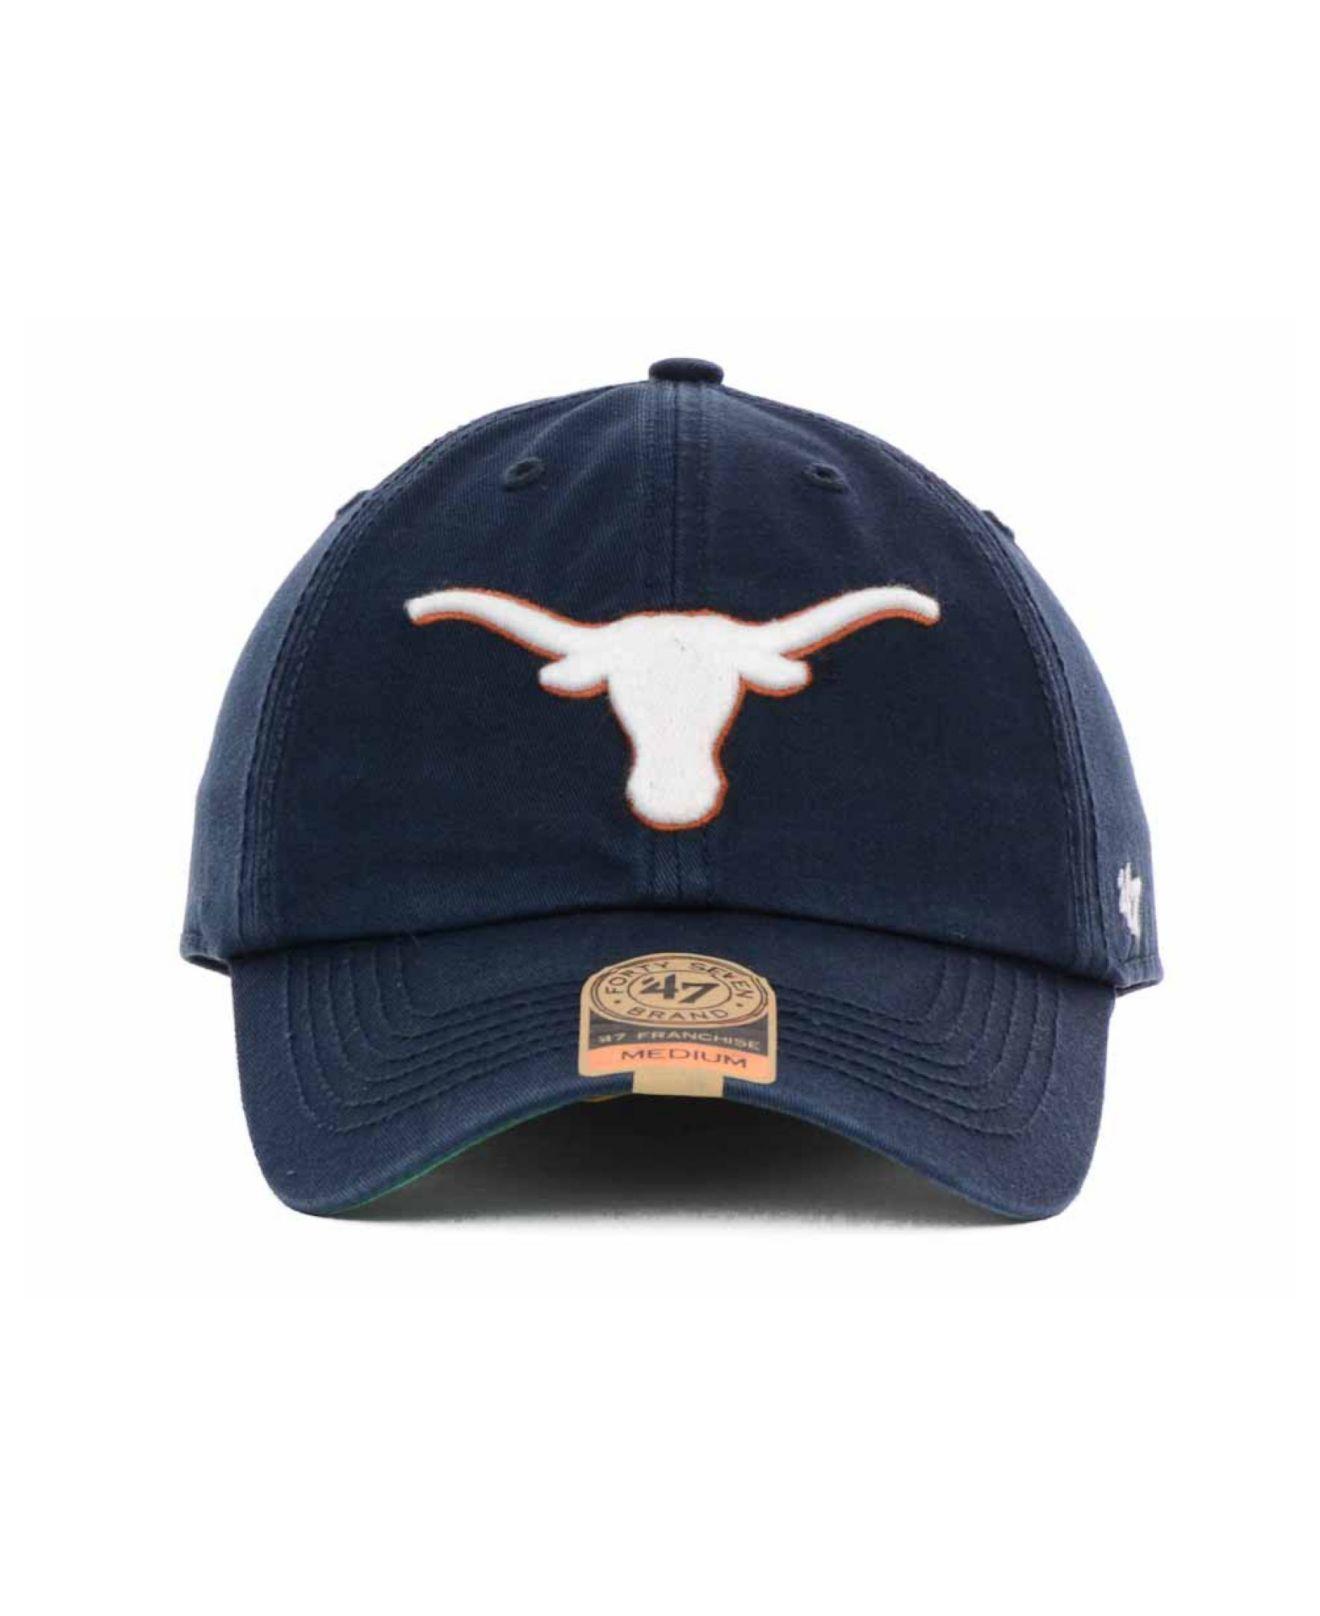 0e3bda59fd3e2 ... italy lyst 47 brand texas longhorns navy franchise cap in blue for men  18b54 e33f0